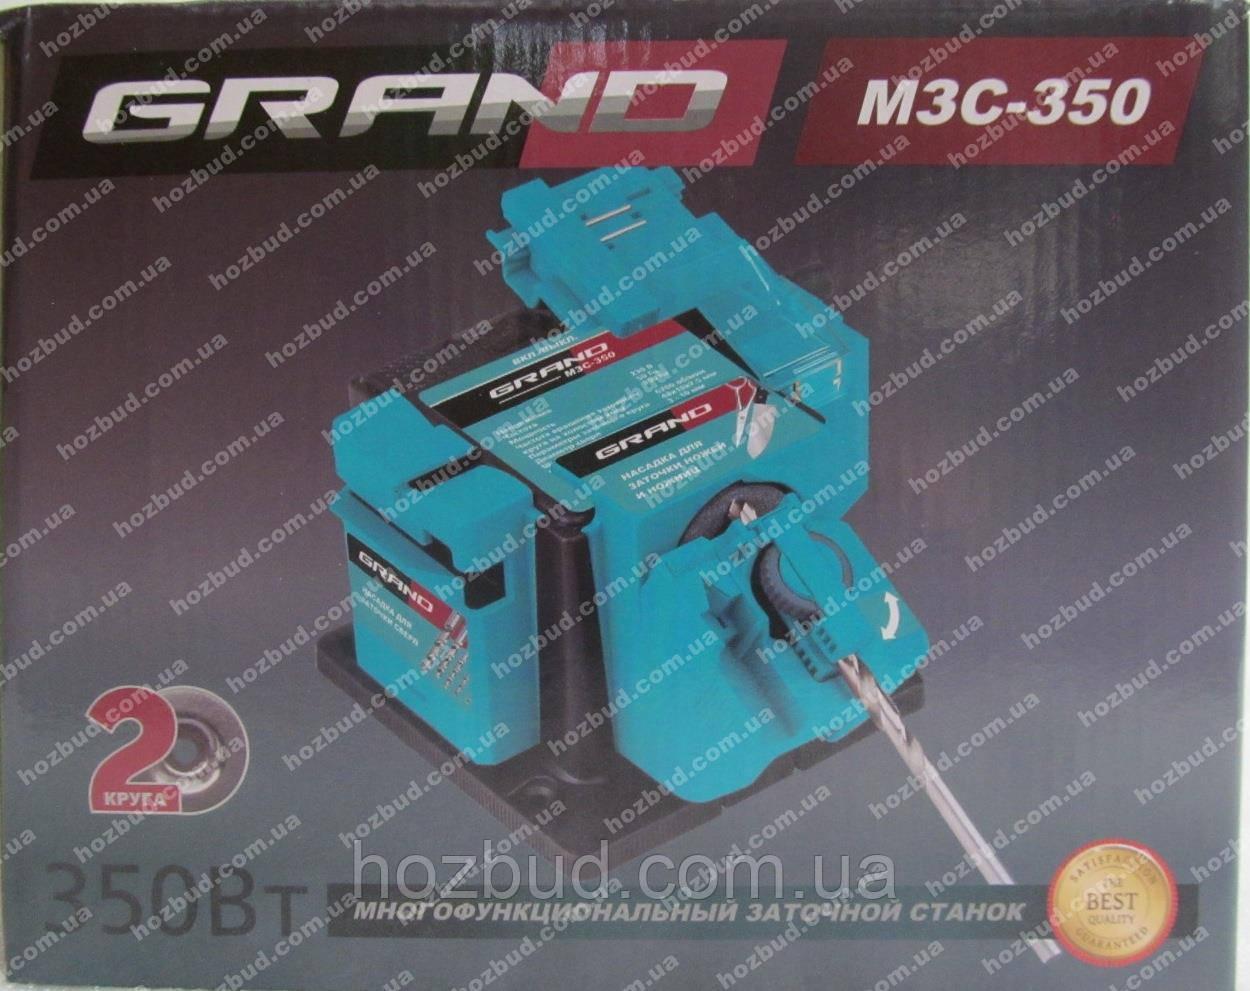 Багатофункціональний заточний верстат GRAND МЗС-350